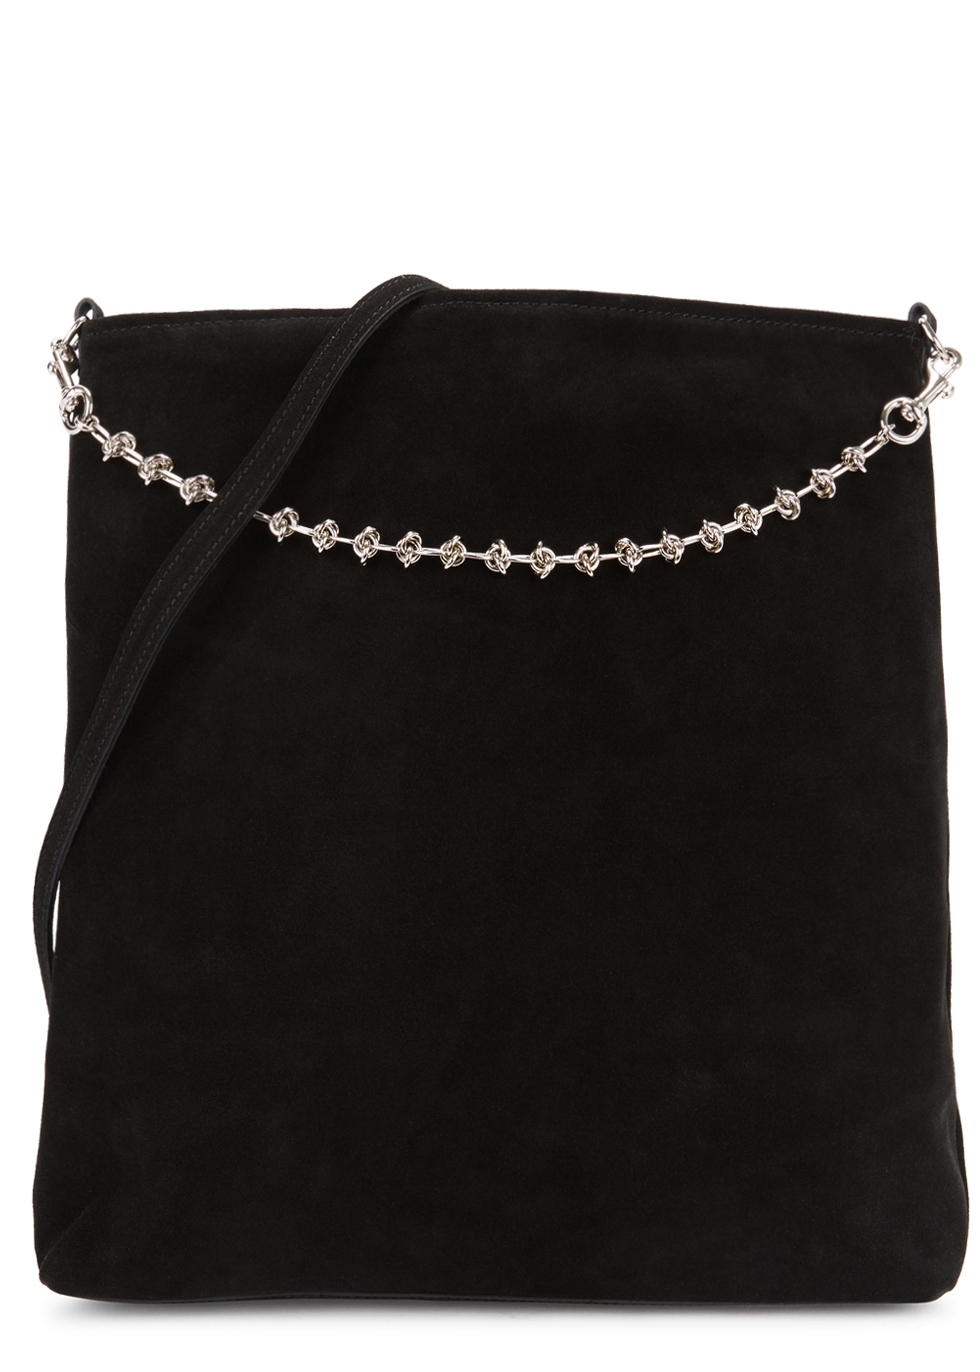 LITTLE LIFFNER Liqour Black Suede Shoulder Bag